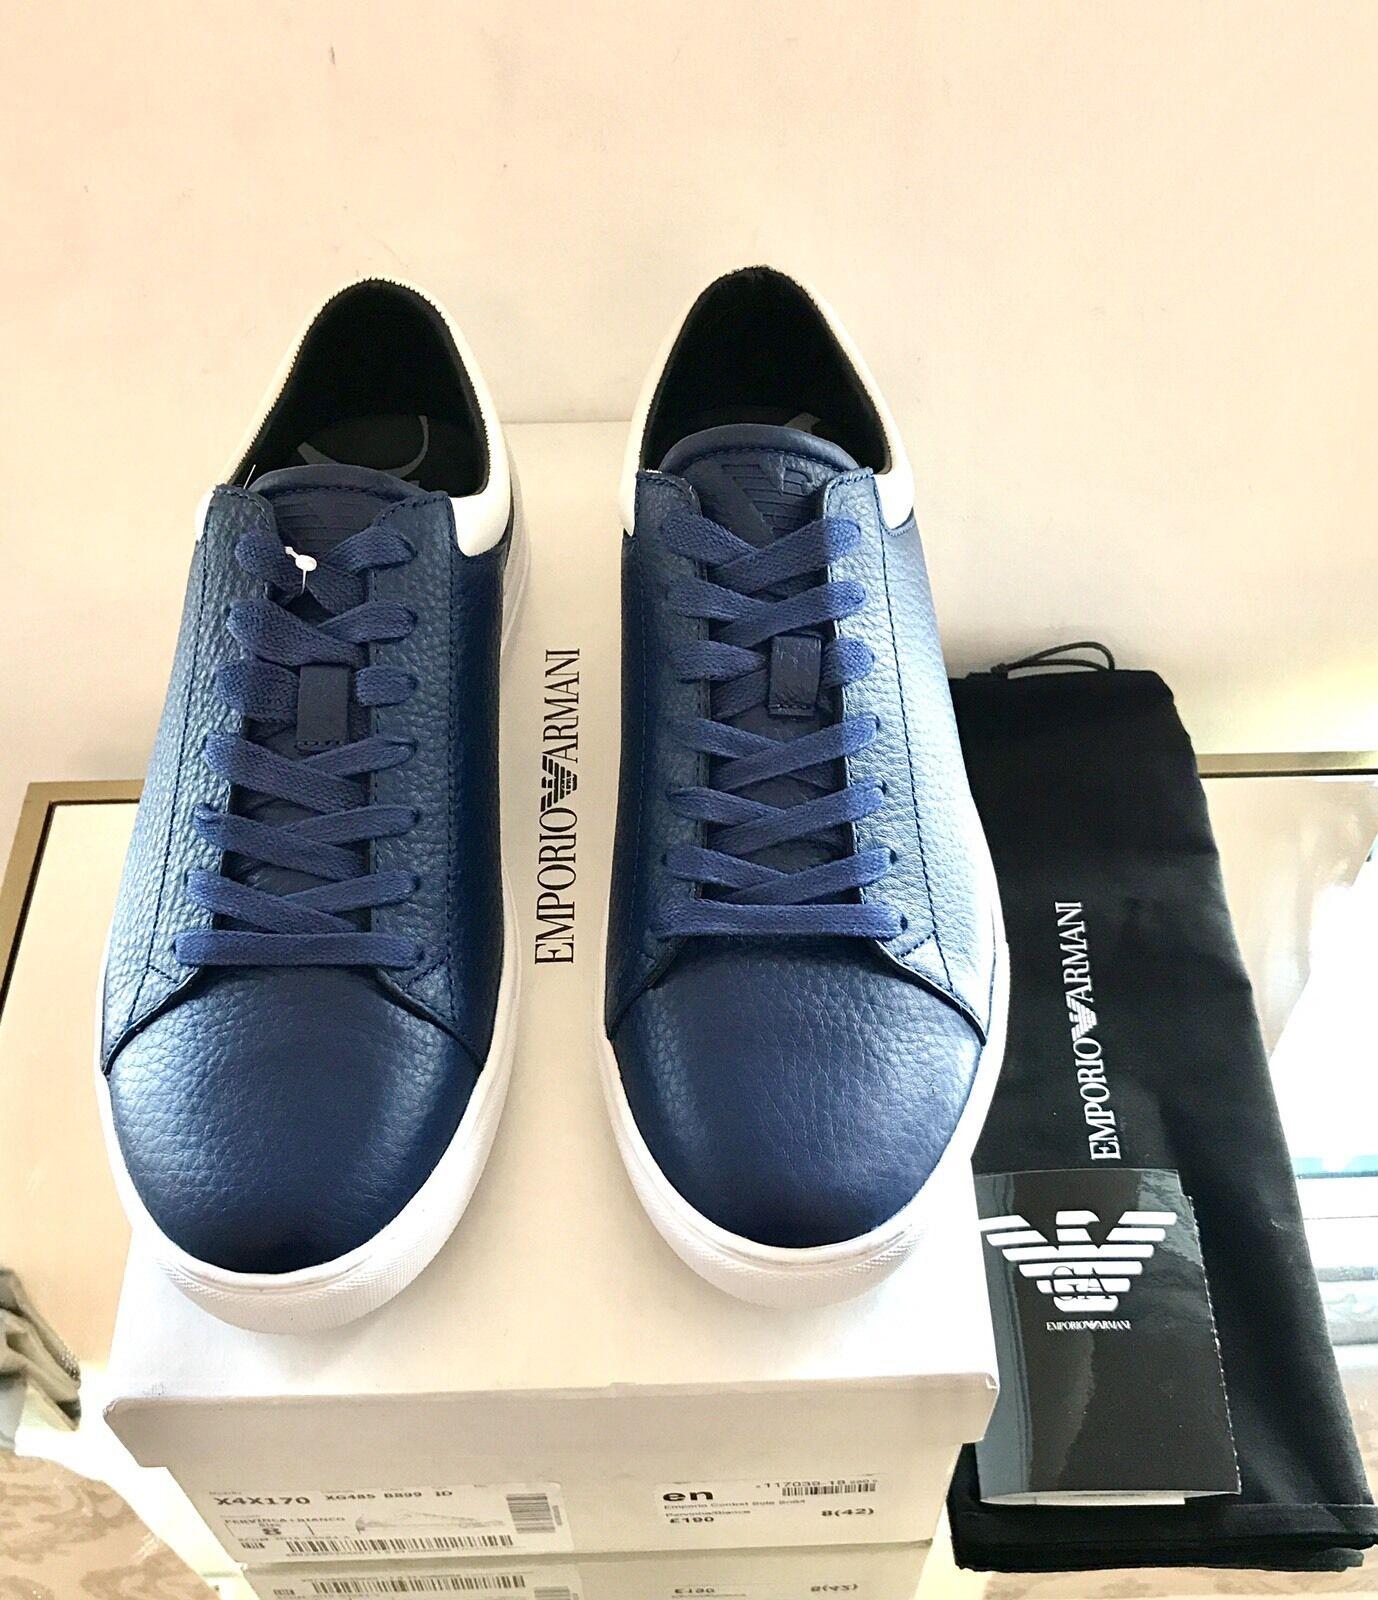 Emporio Emporio Emporio Armani Blu scarpe da ginnastica Basse Scarpe Da Ginnastica Scarpe Da Ginnastica Taglia 8 EU 42 nella casella Nuovo di Zecca | Sensazione Di Comfort  738511